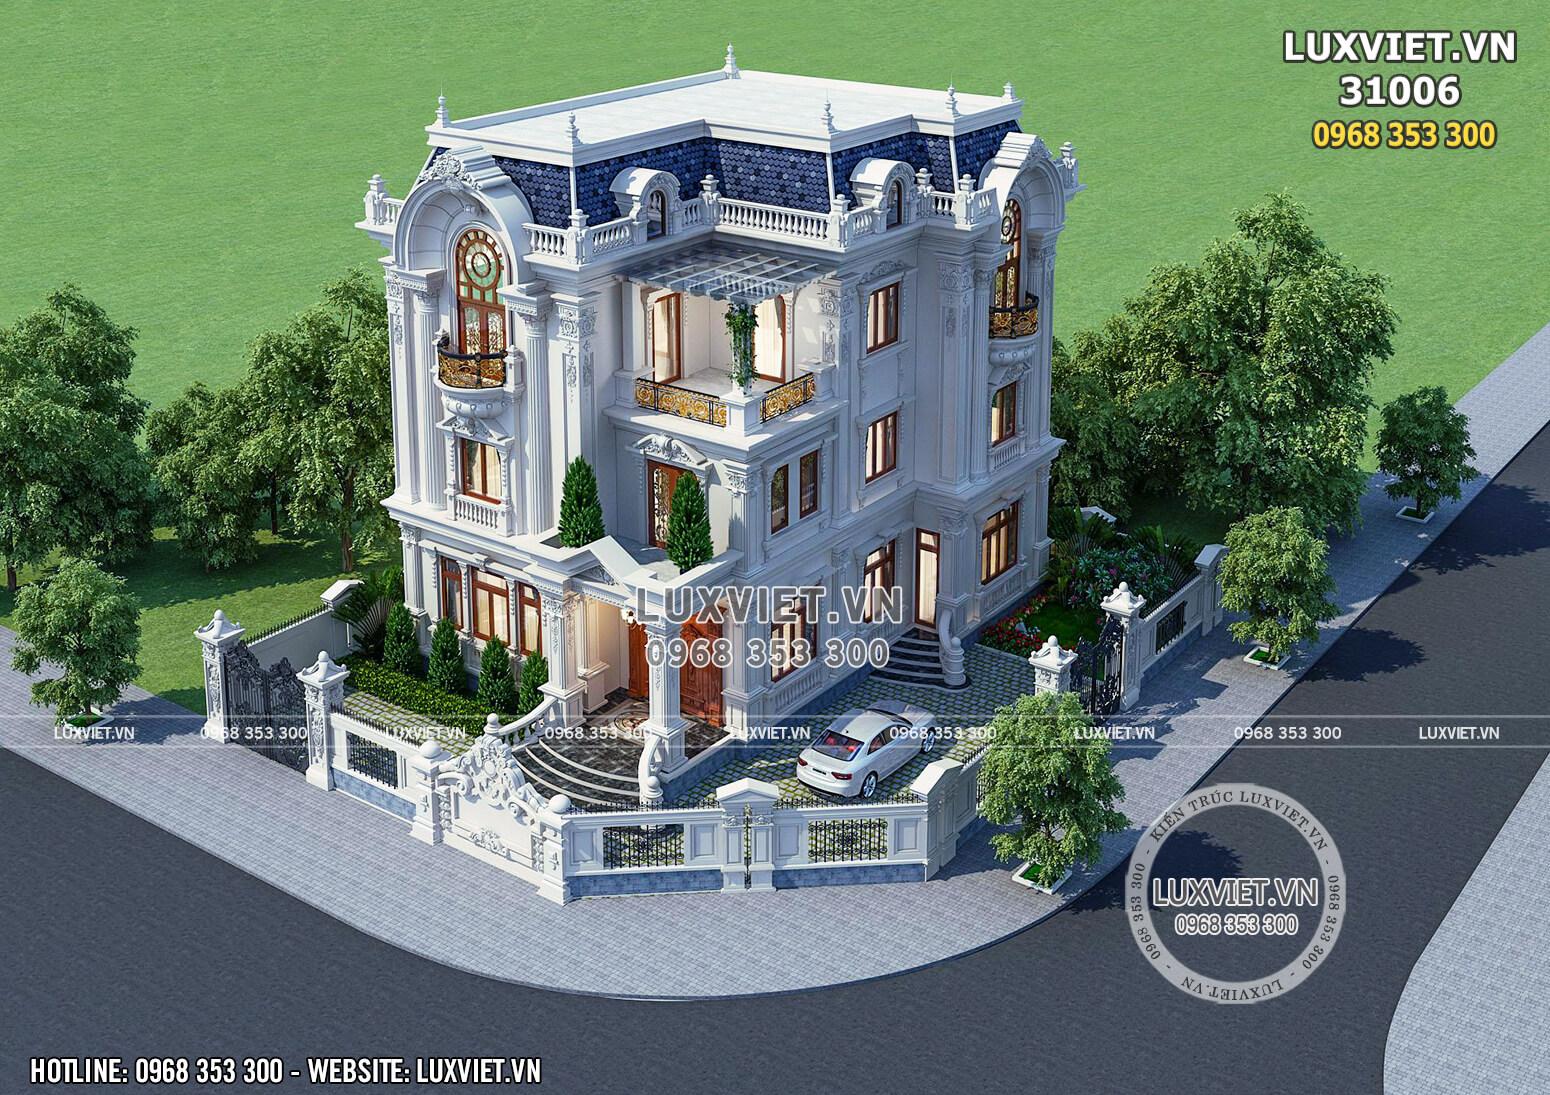 Toàn cảnh mẫu thiết kế biệt thự 3 tầng tân cổ điển đẹp tại Ninh Bình khi nhìn từ trên xuống.